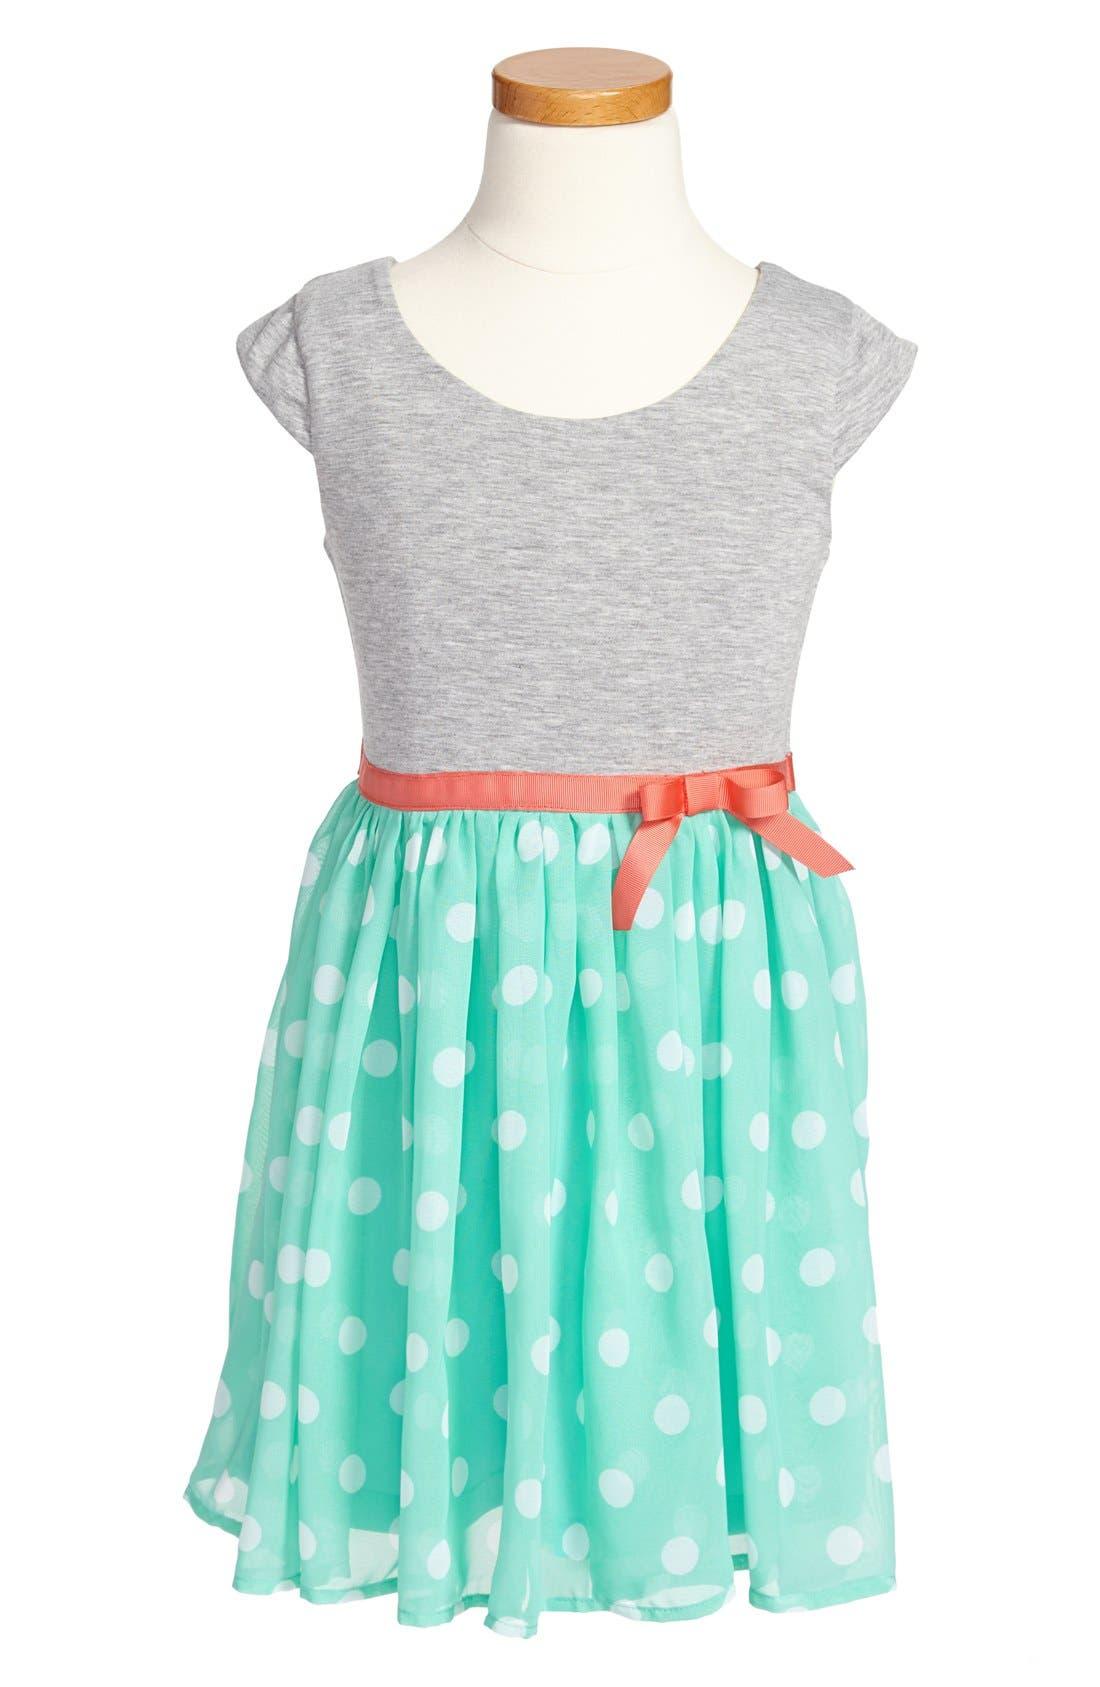 Main Image - Zunie Print Skater Dress (Little Girls & Big Girls)